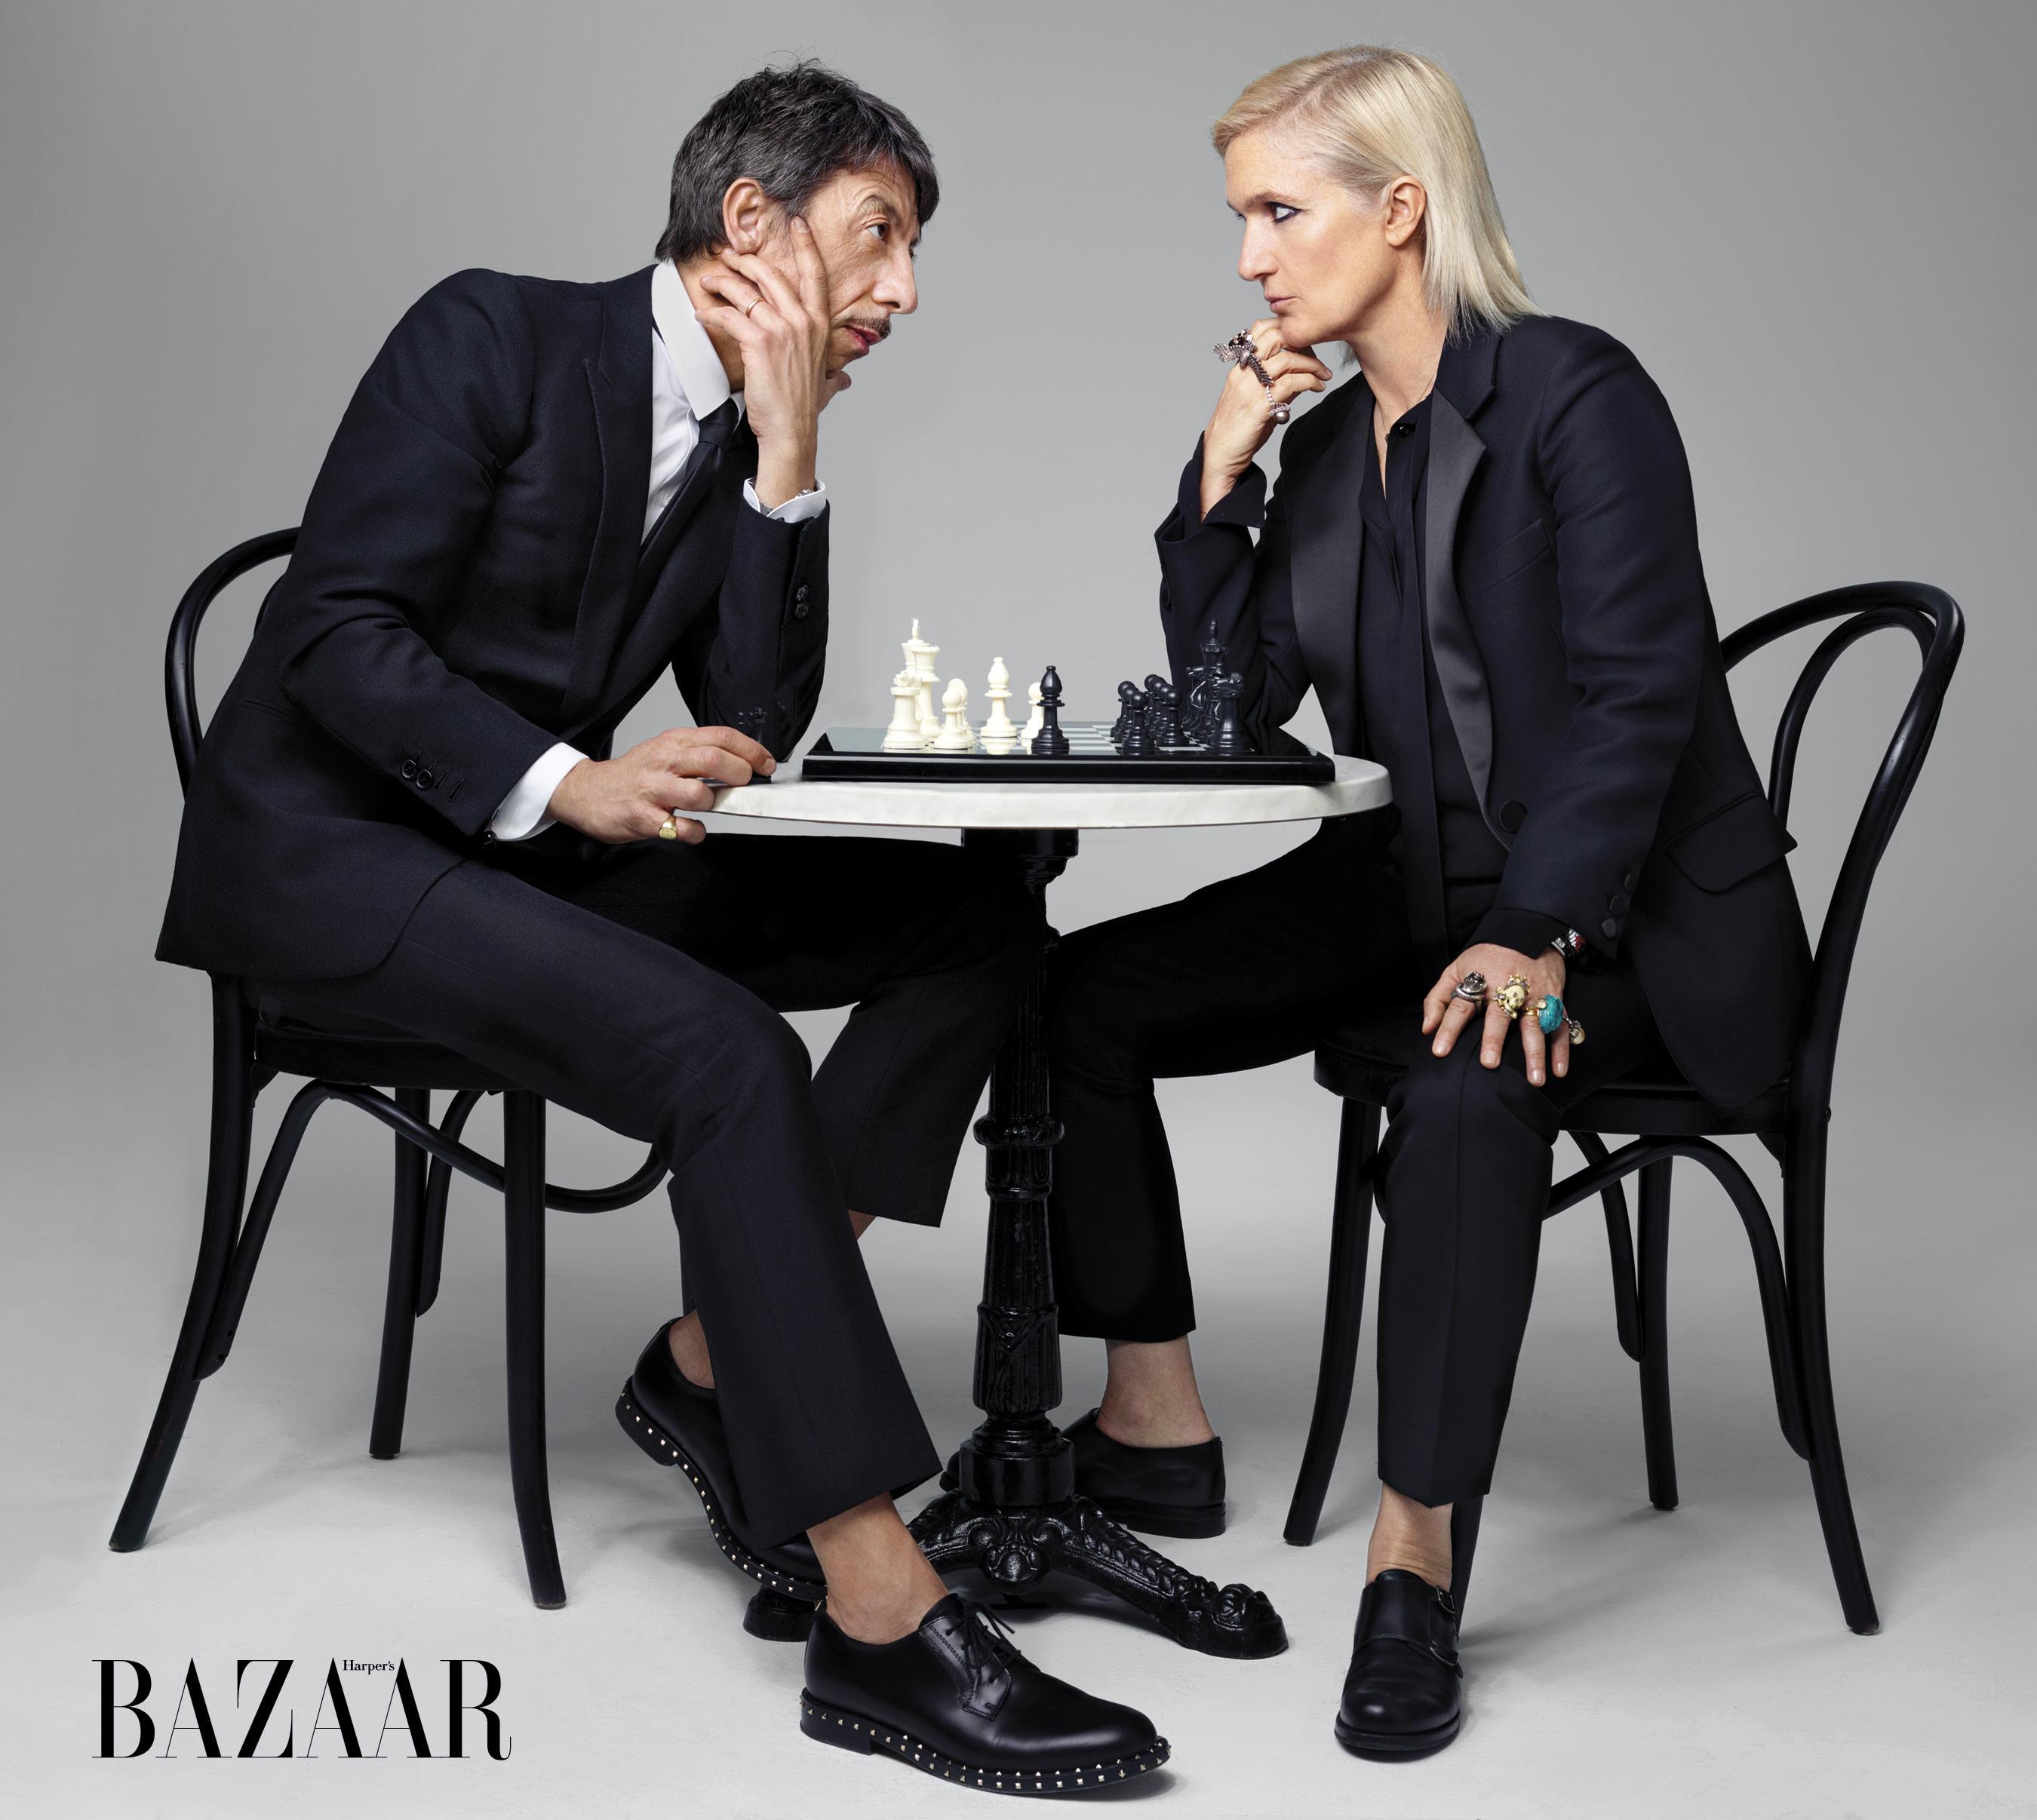 e2b3ac96991 Maria Grazia Chiuri and Pierpaolo Piccioli s Revealing Interview in  Harper s Bazaar